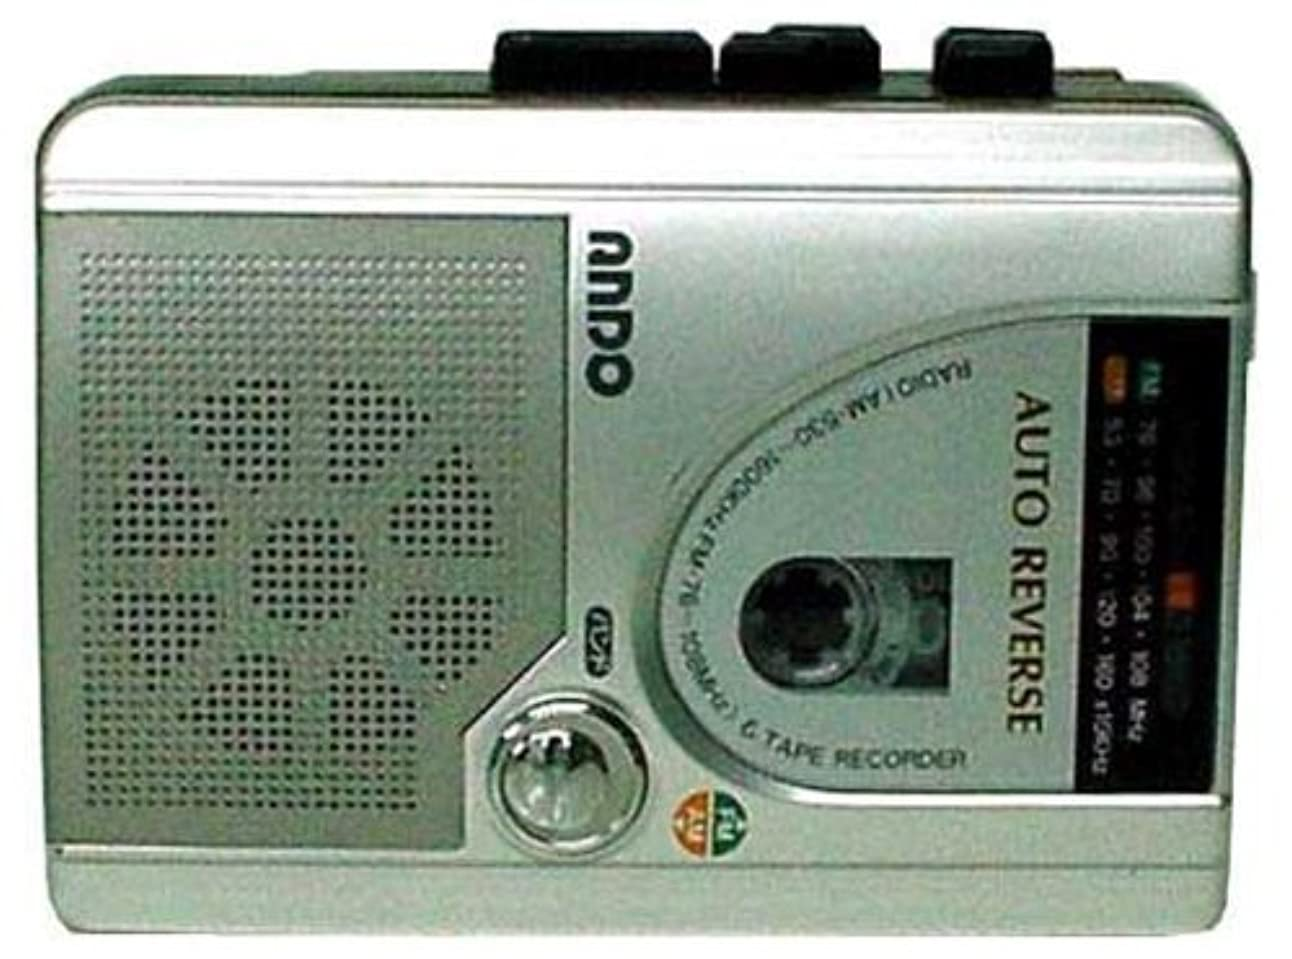 リビングルーム半ば歪めるSONY ステレオカセットコーダー TCS-580